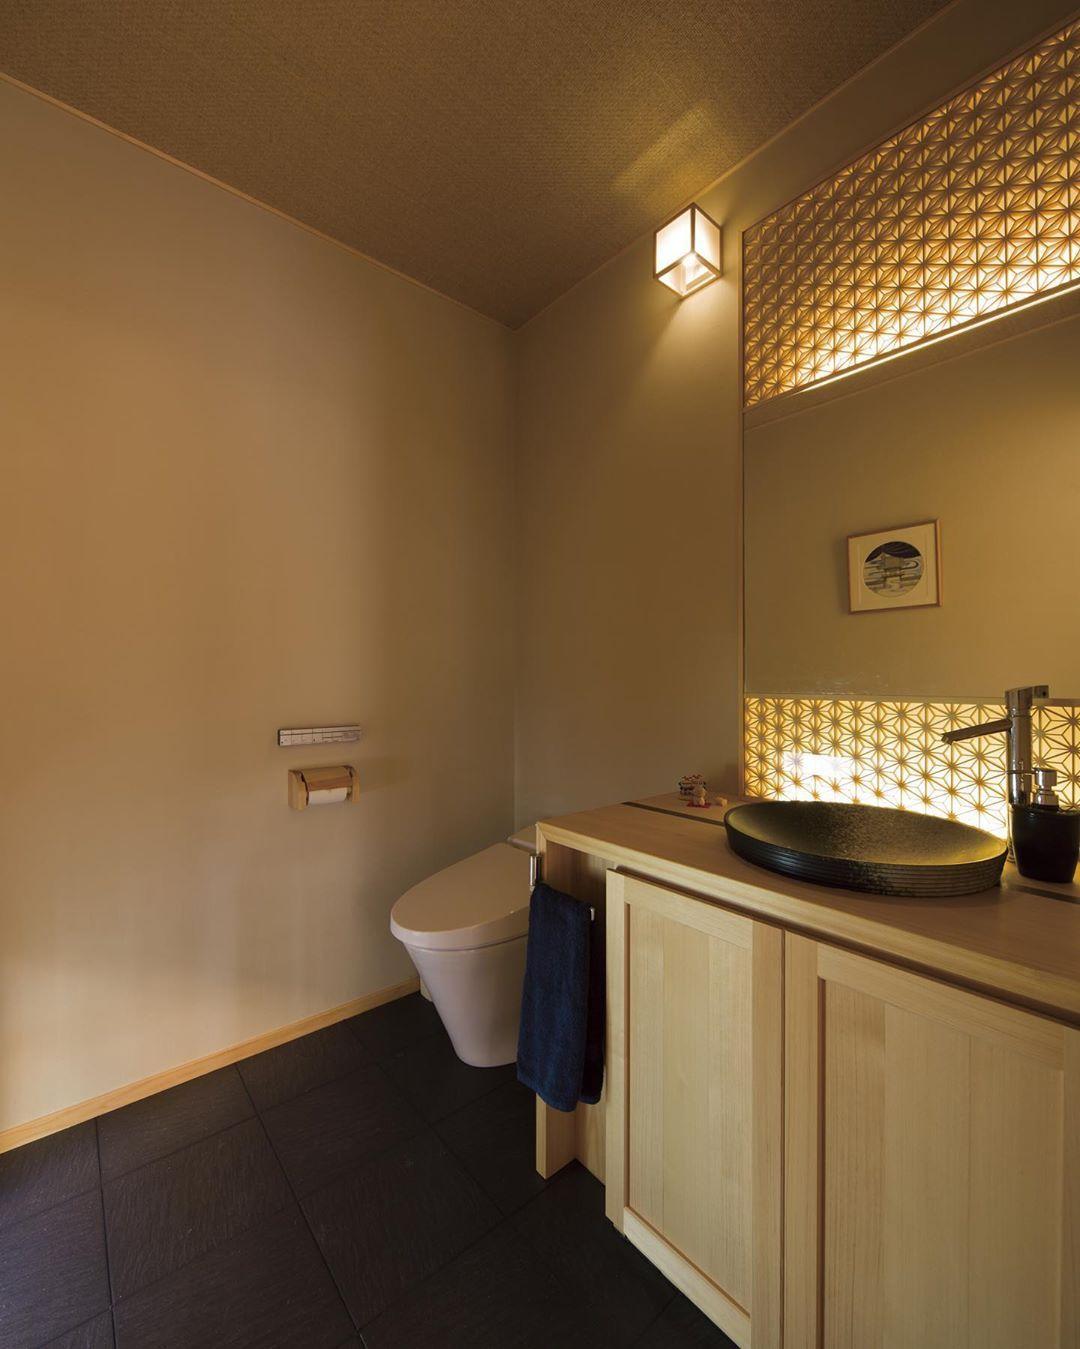 創家株式会社 On Instagram 組子の間接照明が目を引くお手洗い 自然素材 トイレ 和風トイレ 組子細工 間接照明 More Photos So Home Bathroom Bathtub